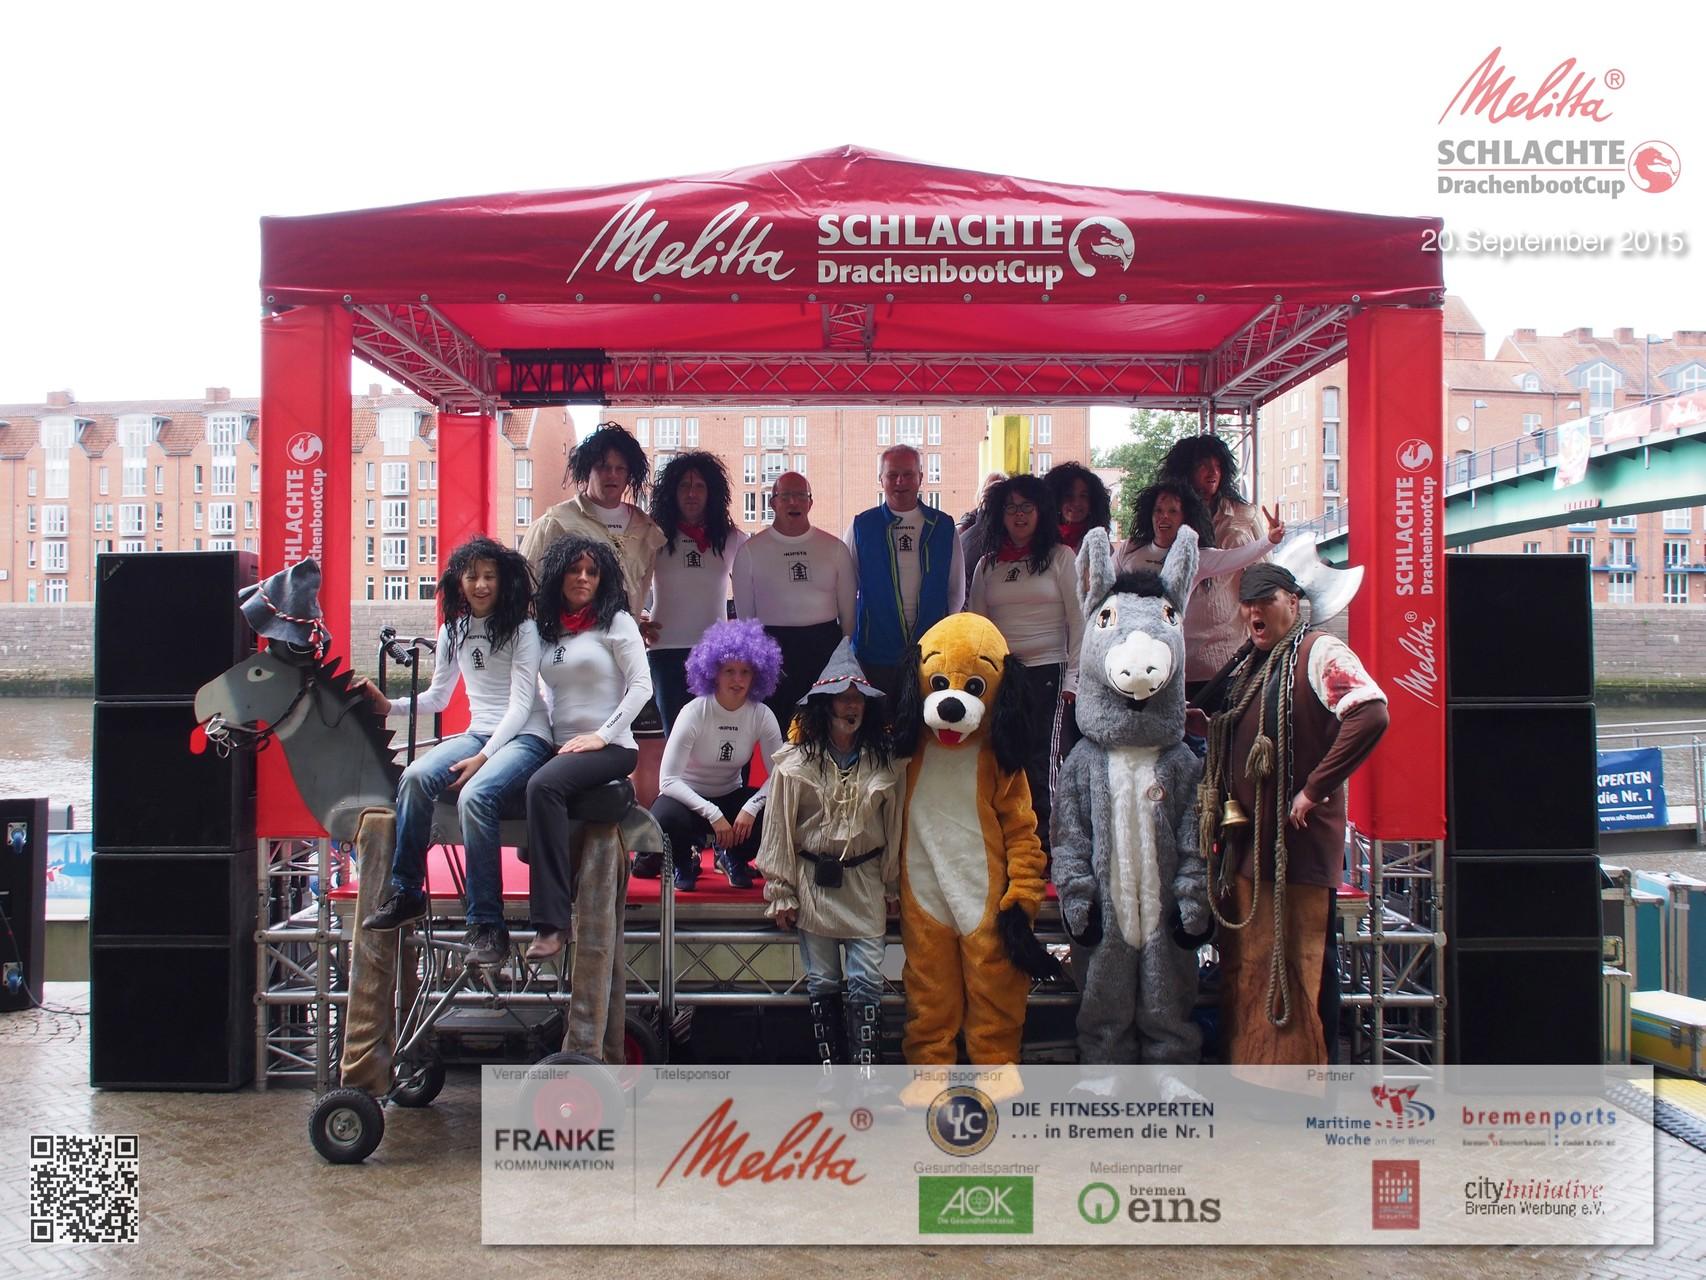 Räuberhaus im Schnoor - die Sieger von 2013 - auch dieses Jahr gut dabei